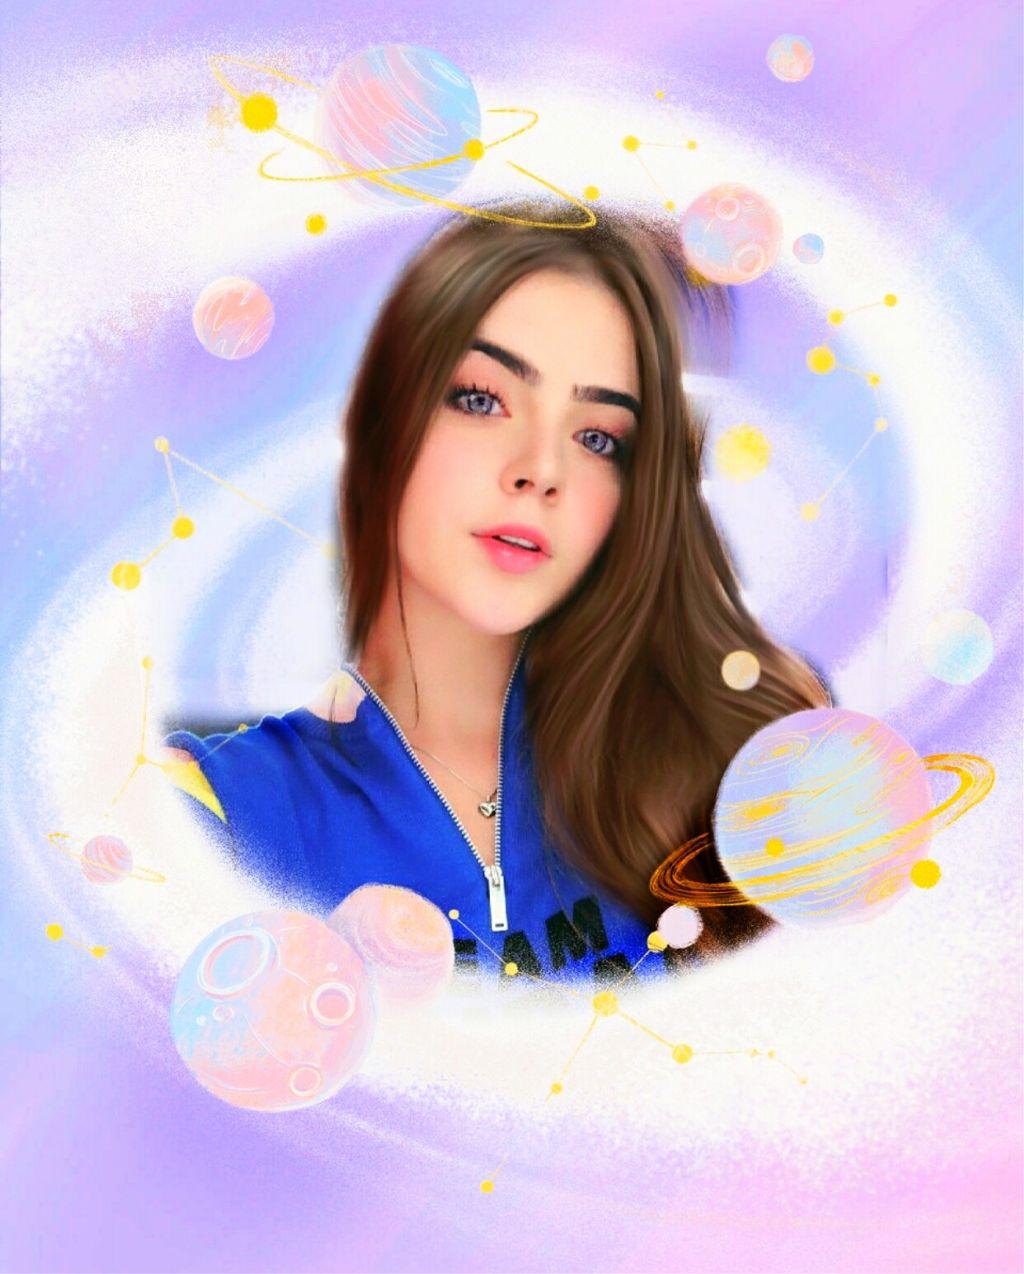 #freetoedit #cosmos #girl #fantasy #digitalart